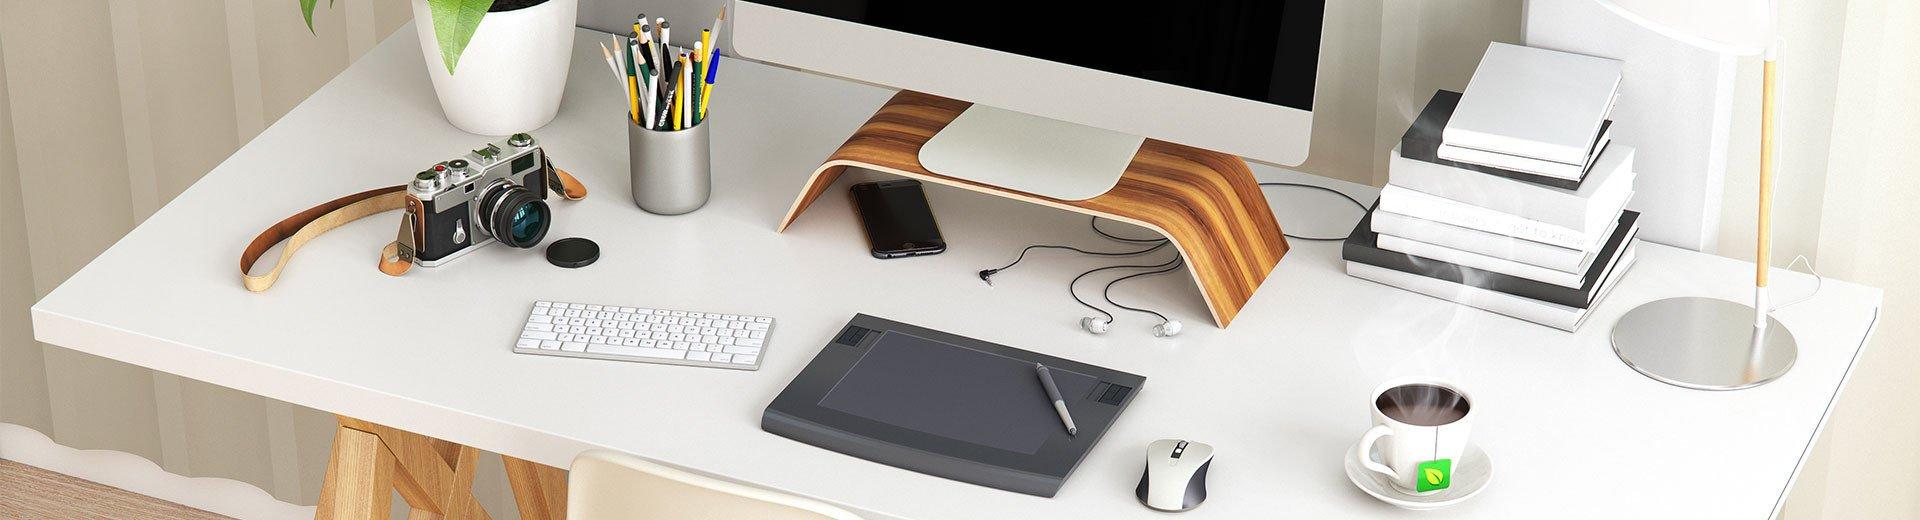 Okładka artykułu Jak powinno wyglądać Twoje miejsce pracy? — Zaglądamy na biurka polskich projektantów